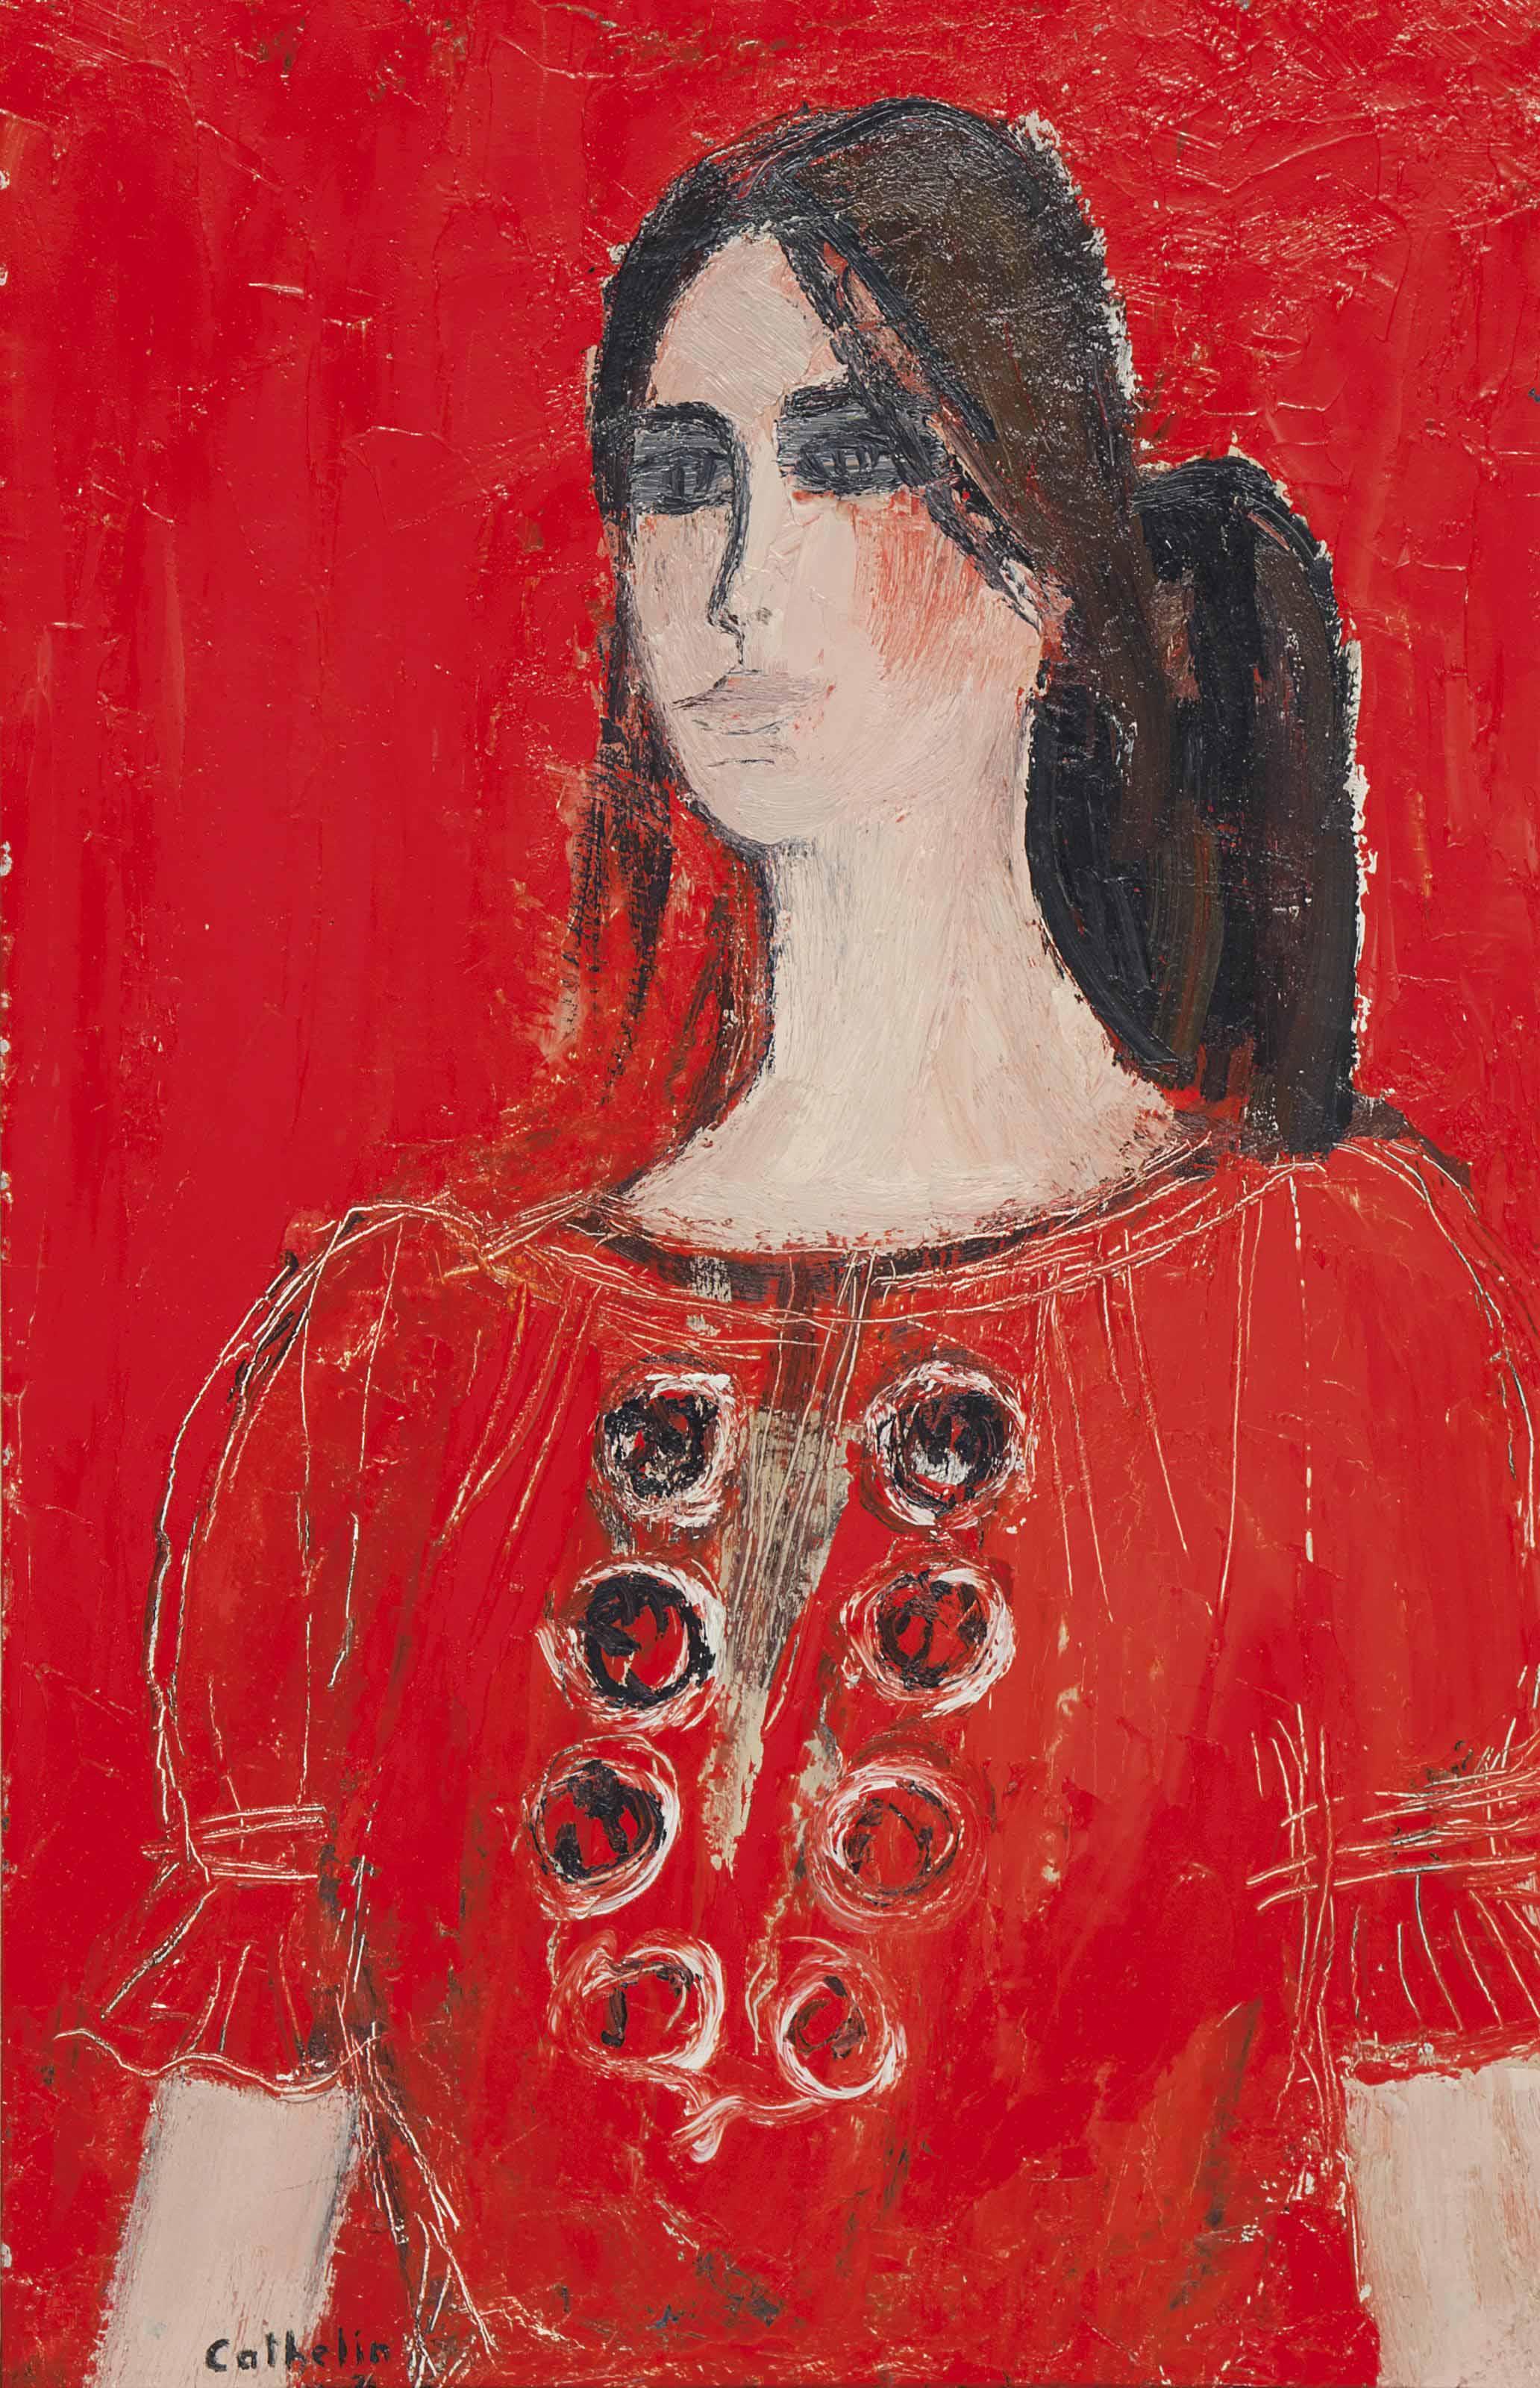 Dominique à blouse hongroise